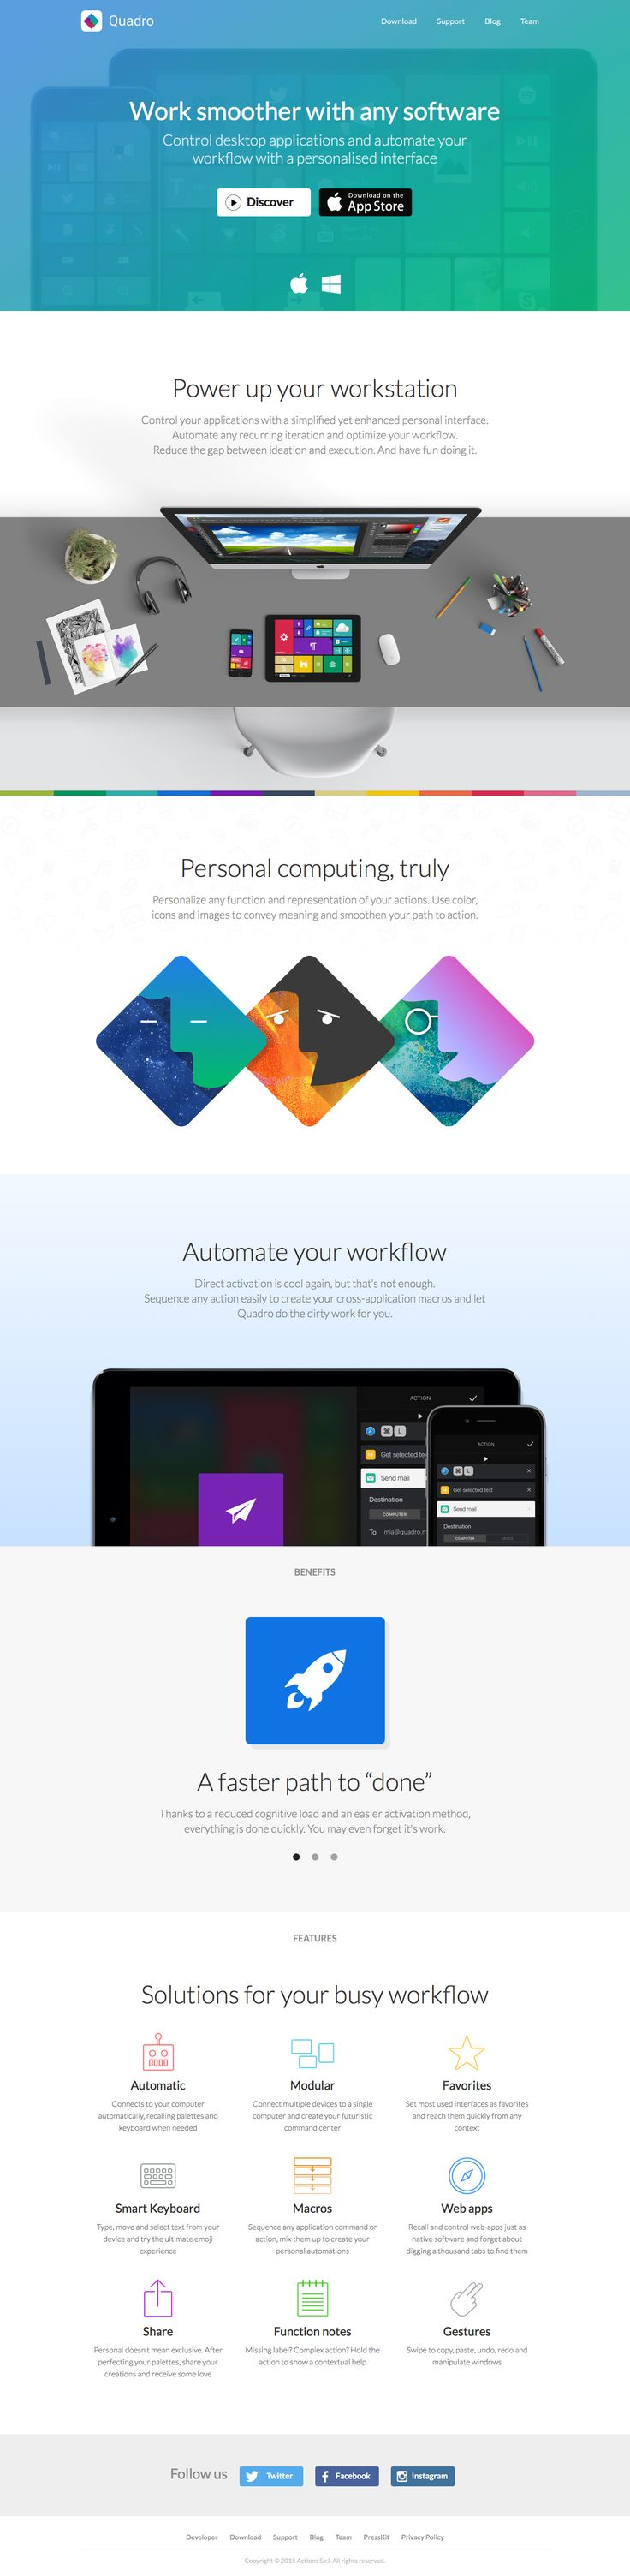 401 best web design images on Pinterest | Website designs, Web ...